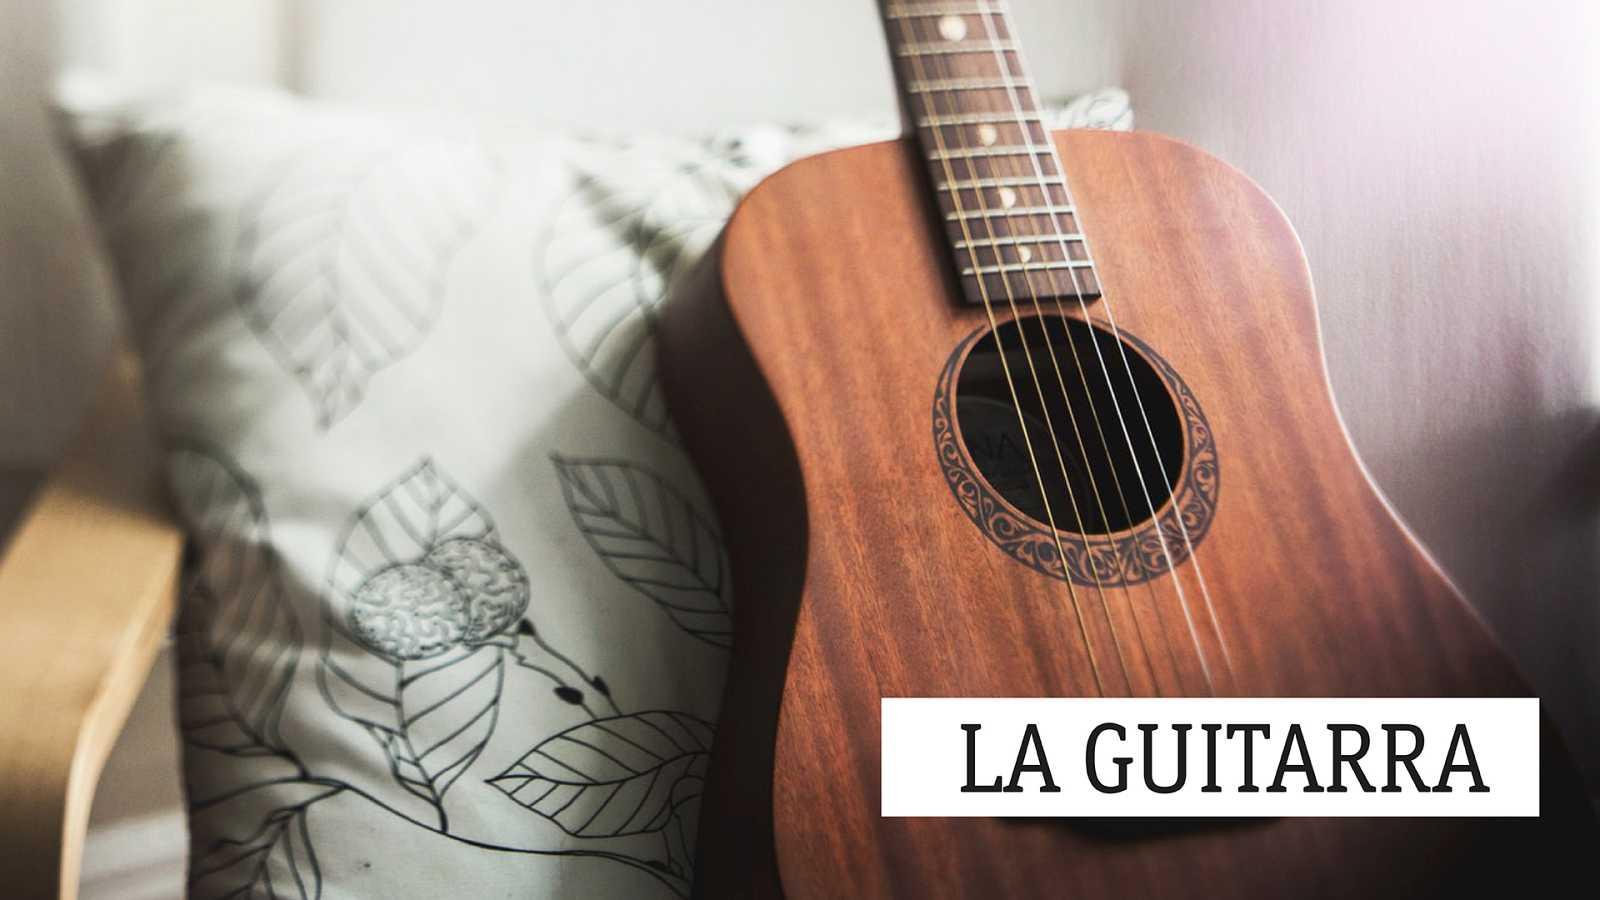 La guitarra - Recital del Dúo Siqueira-Lima - 13/12/20 - escuchar ahora